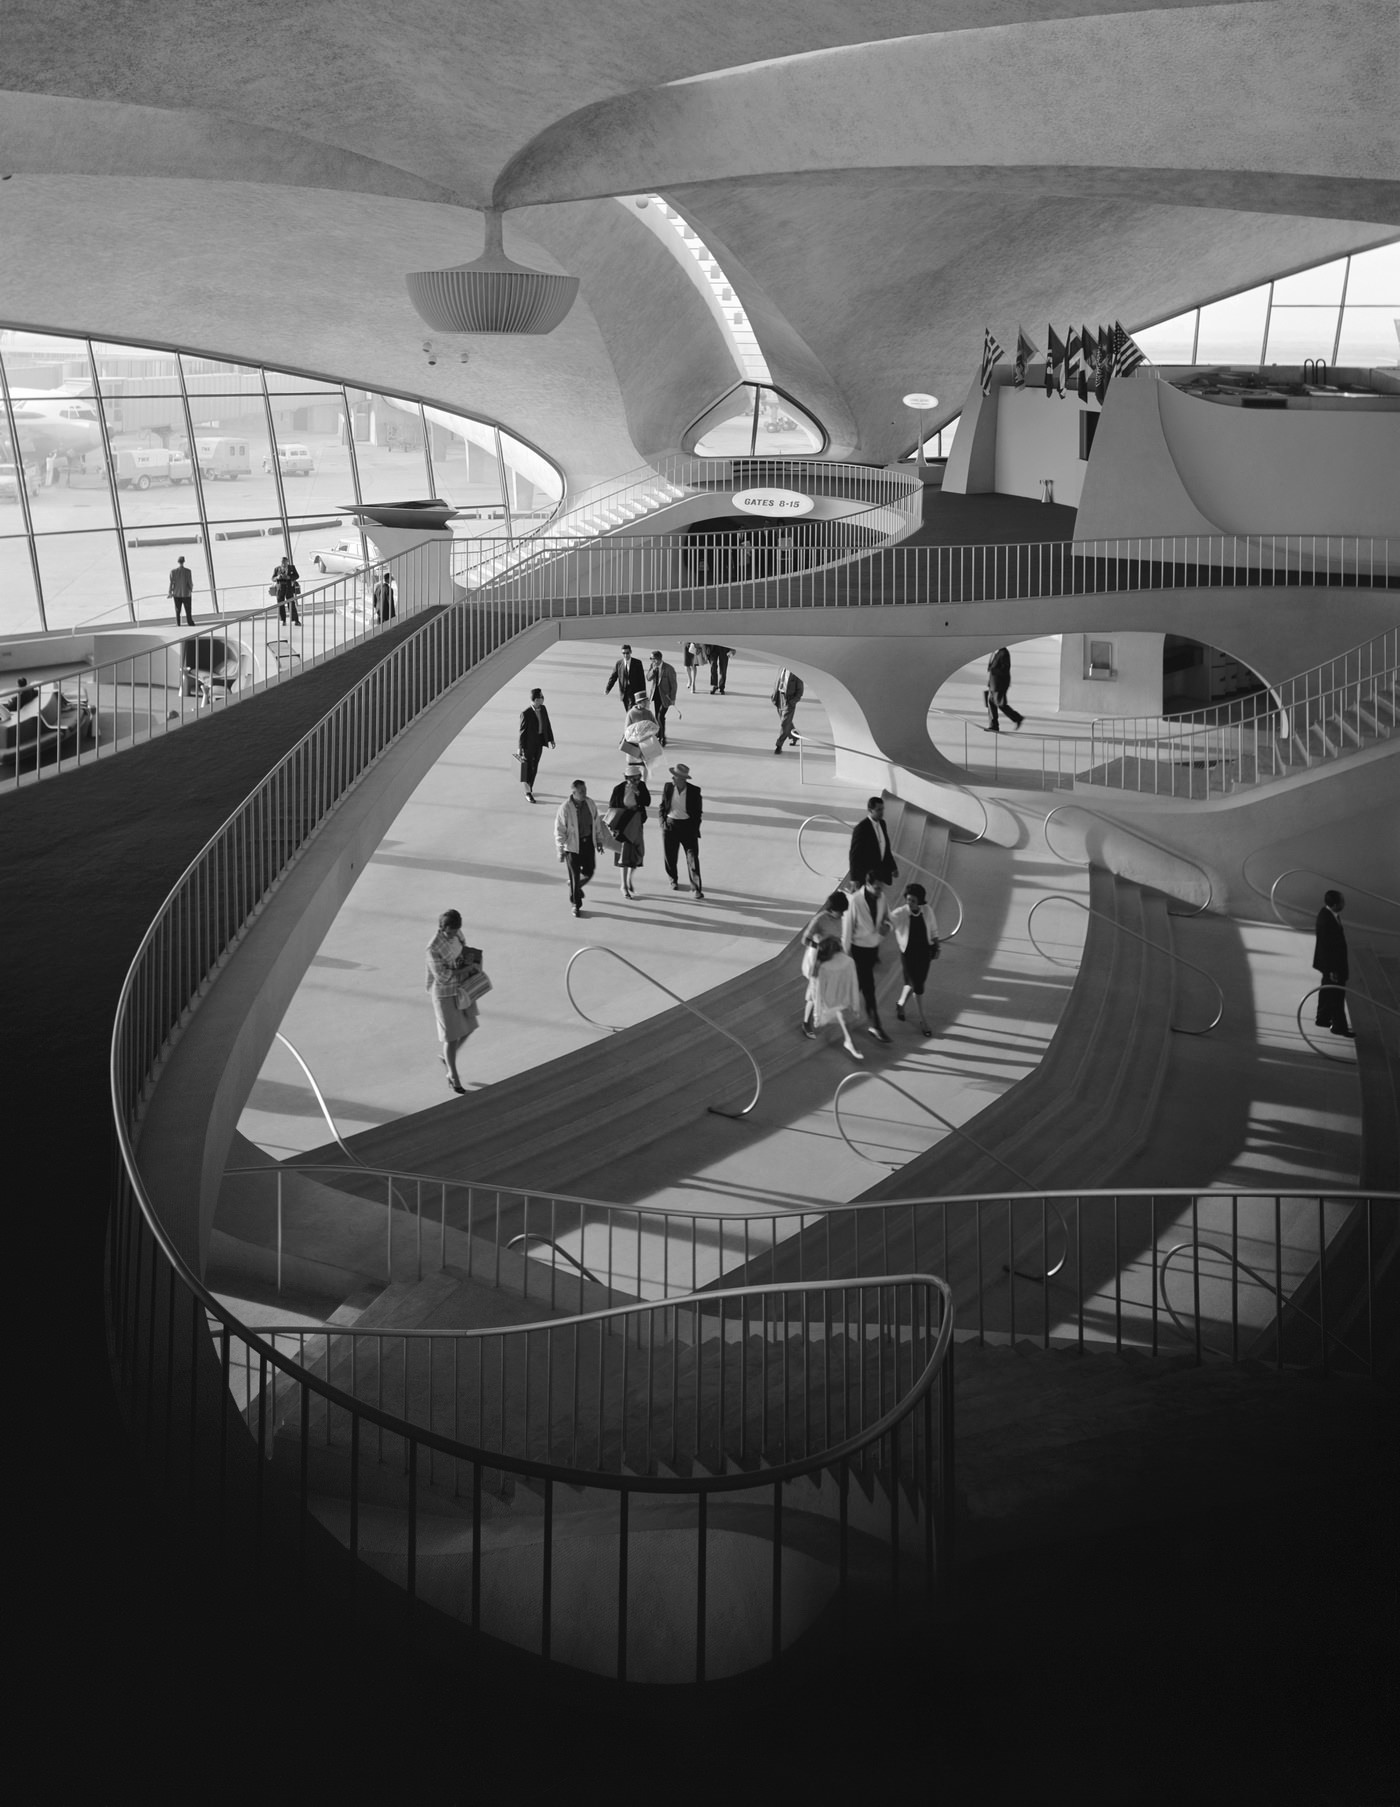 Эзра Столлер. Терминал TWA в аэропорту Джона Ф. Кеннеди. Арх.: Ээро Сааринен. Нью-Йорк, шт. Нью-Йорк, 1962